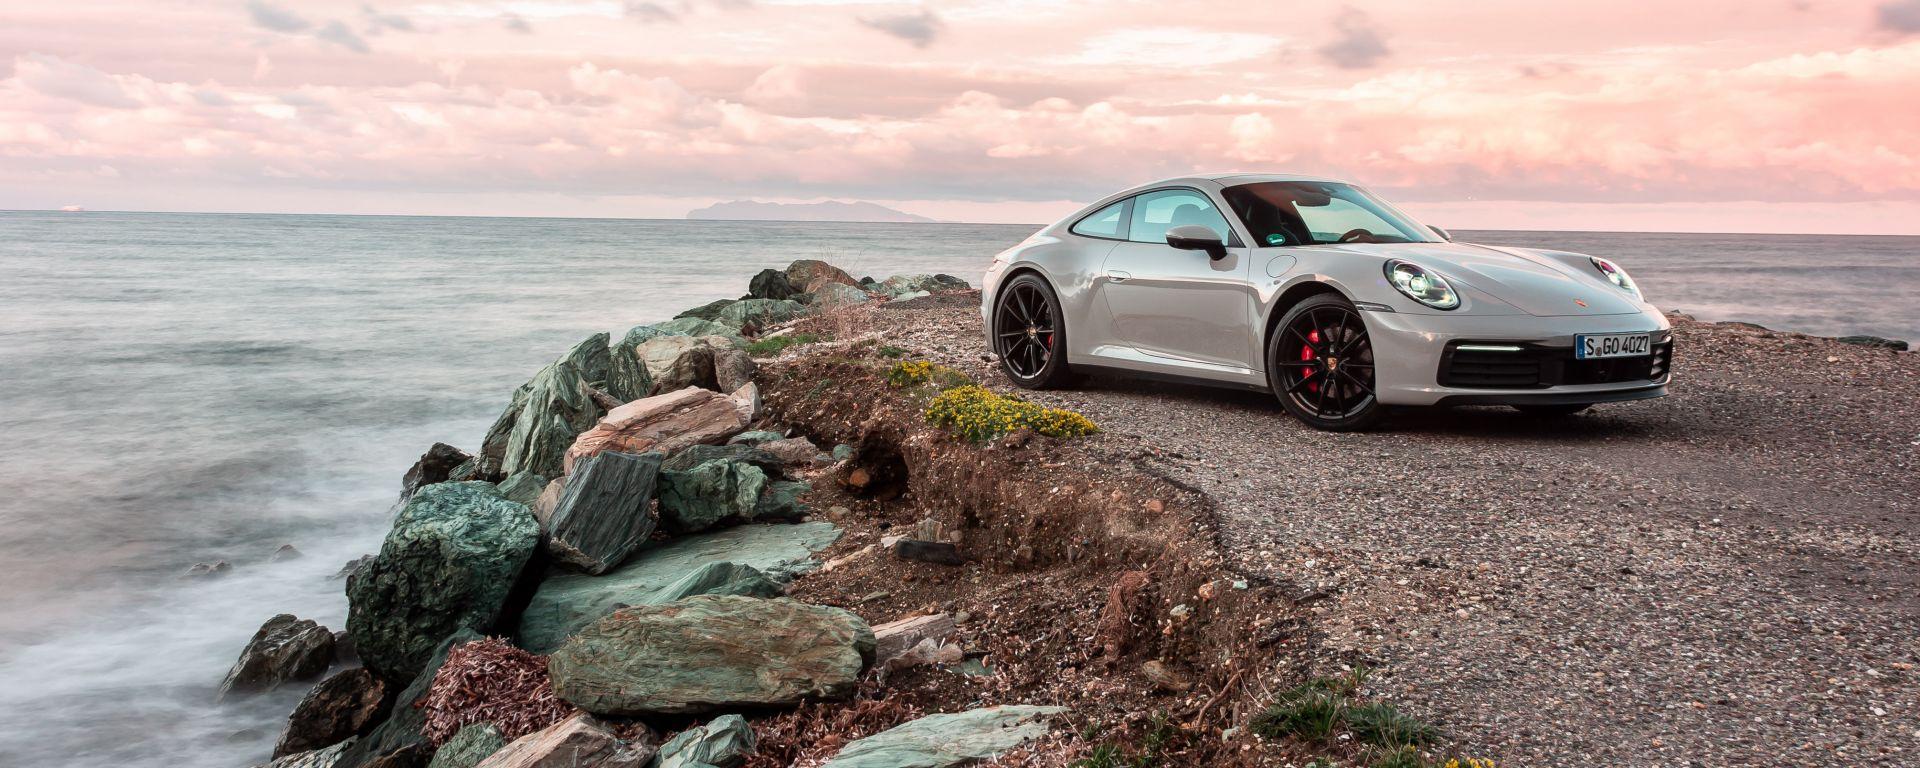 Nuova Porsche 911 Carrera: non è mai stata cosi bella, anche se...